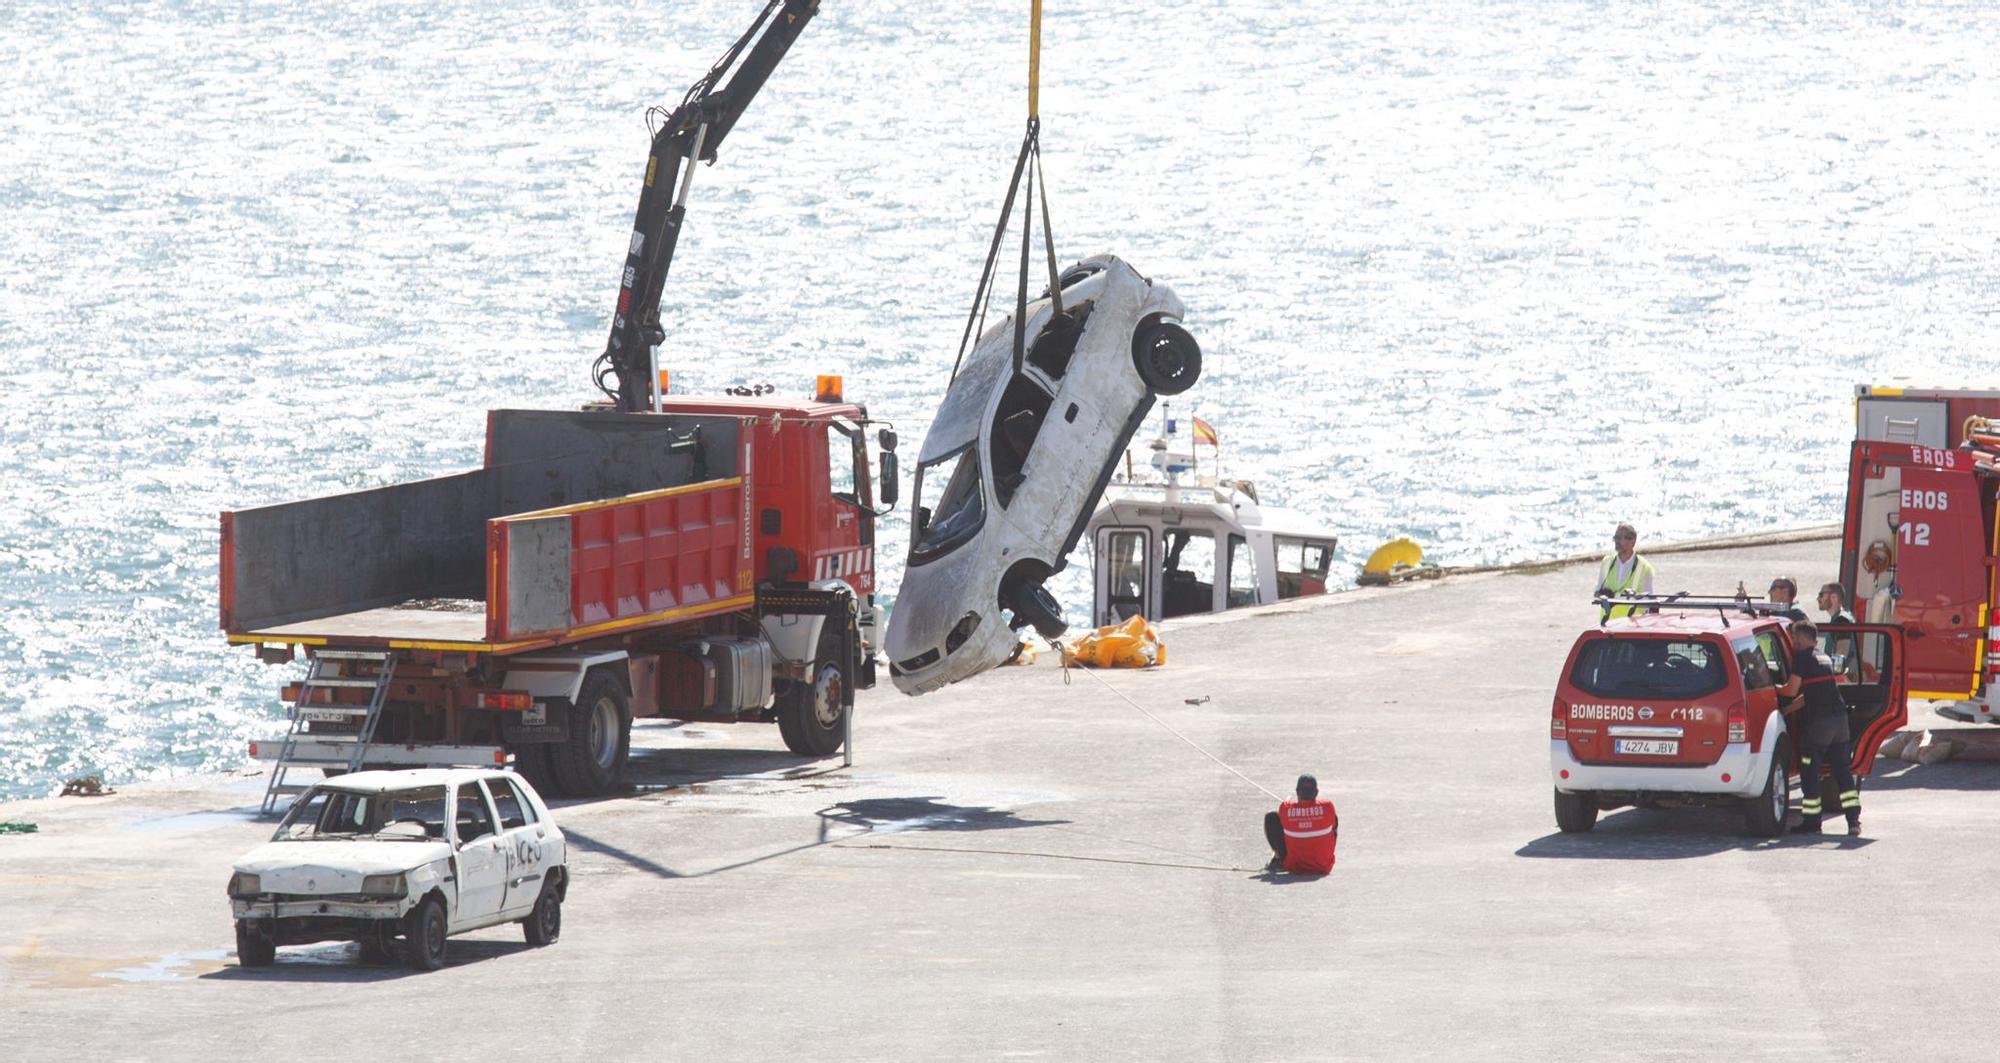 Los bomberos reflotan los coches que tiraron al puerto sin acreditar si los descontaminaron